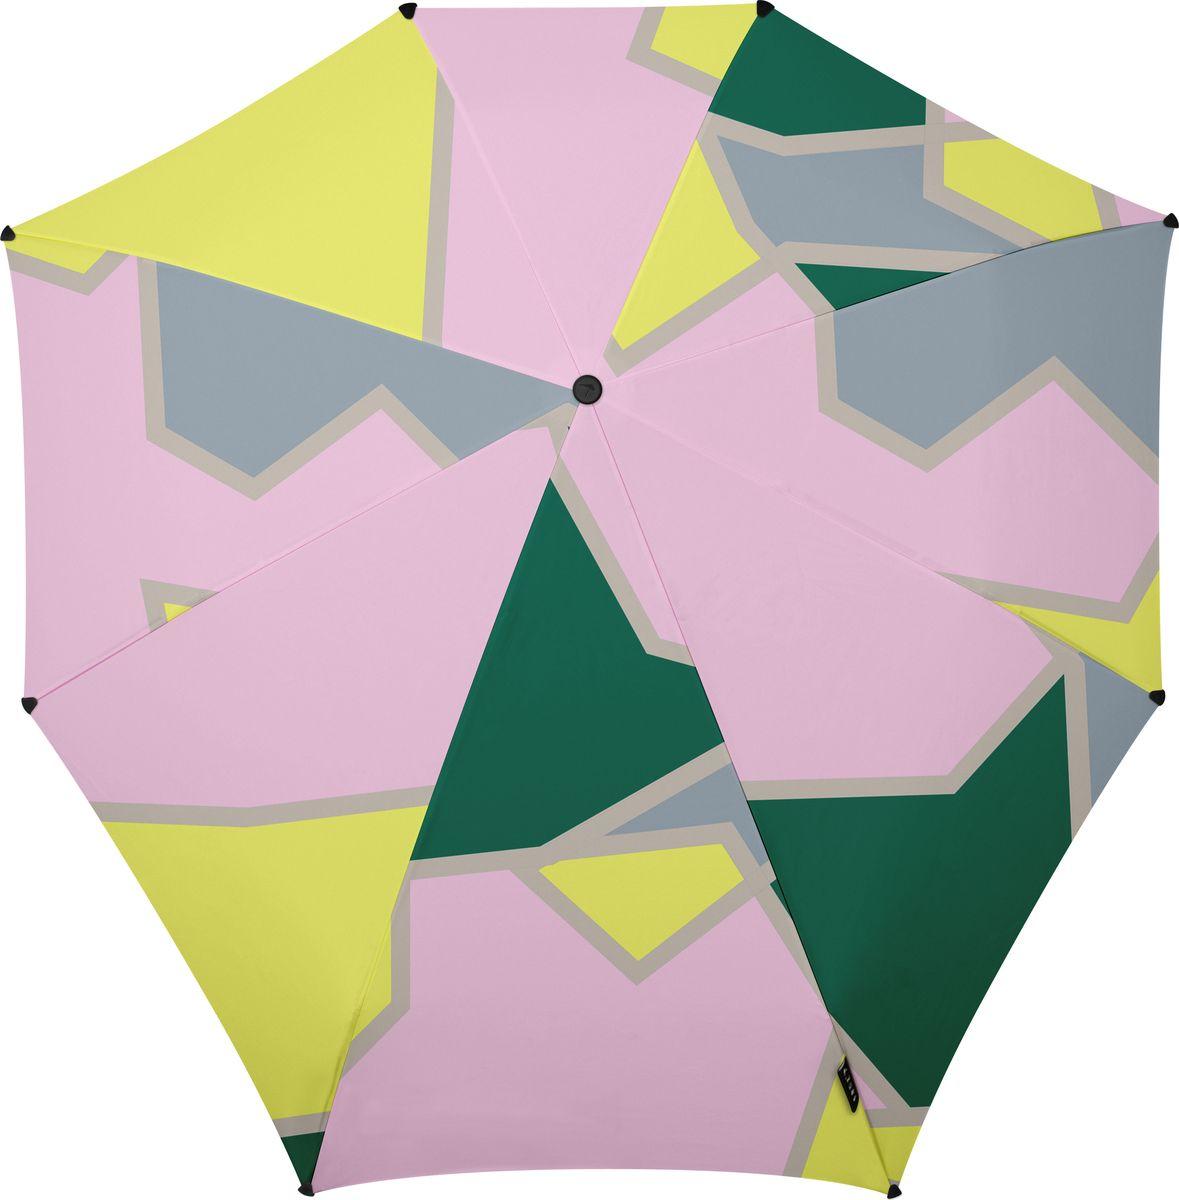 Зонт Senz, цвет: мультиколор. 1021040K50K502473_0010Инновационный противоштормовый зонт, выдерживающий любую непогоду. Входит в коллекцию urban breeze, разработанную в соответствии с современными течениями fashion-индустрии. Зонт Senz отлично дополнит образ, подчеркнет индивидуальность и вкус своего обладателя. Легкий, компактный и прочный он открывается и закрывается нажатием на кнопку. Закрывает спину от дождя, а благодаря своей усовершенствованной конструкции, зонт не выворачивается наизнанку даже при сильном ветре. Модель Senz automatic выдержала испытания в аэротрубе со скоростью ветра 80 км/ч. - тип — автомат- три сложения- выдерживает порывы ветра до 80 км/ч- УФ-защита 50+- эргономичная ручка- безопасные колпачки на кончиках спиц- в комплекте плотный чехол- гарантия 2 года